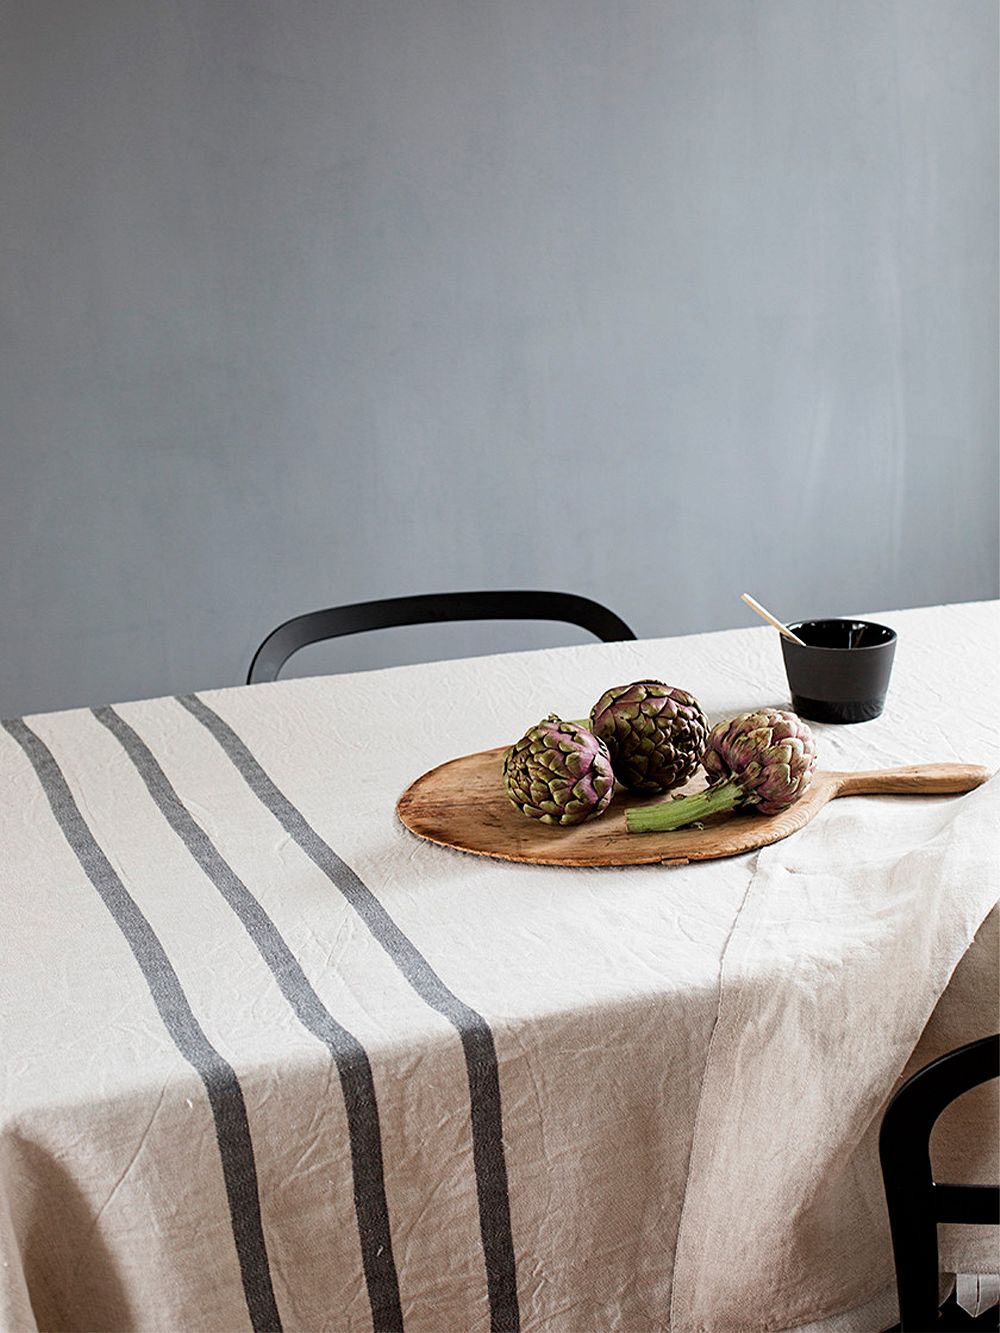 Lapuan Kankurit Usva tablecloth, 150 x 260 cm, linen - grey